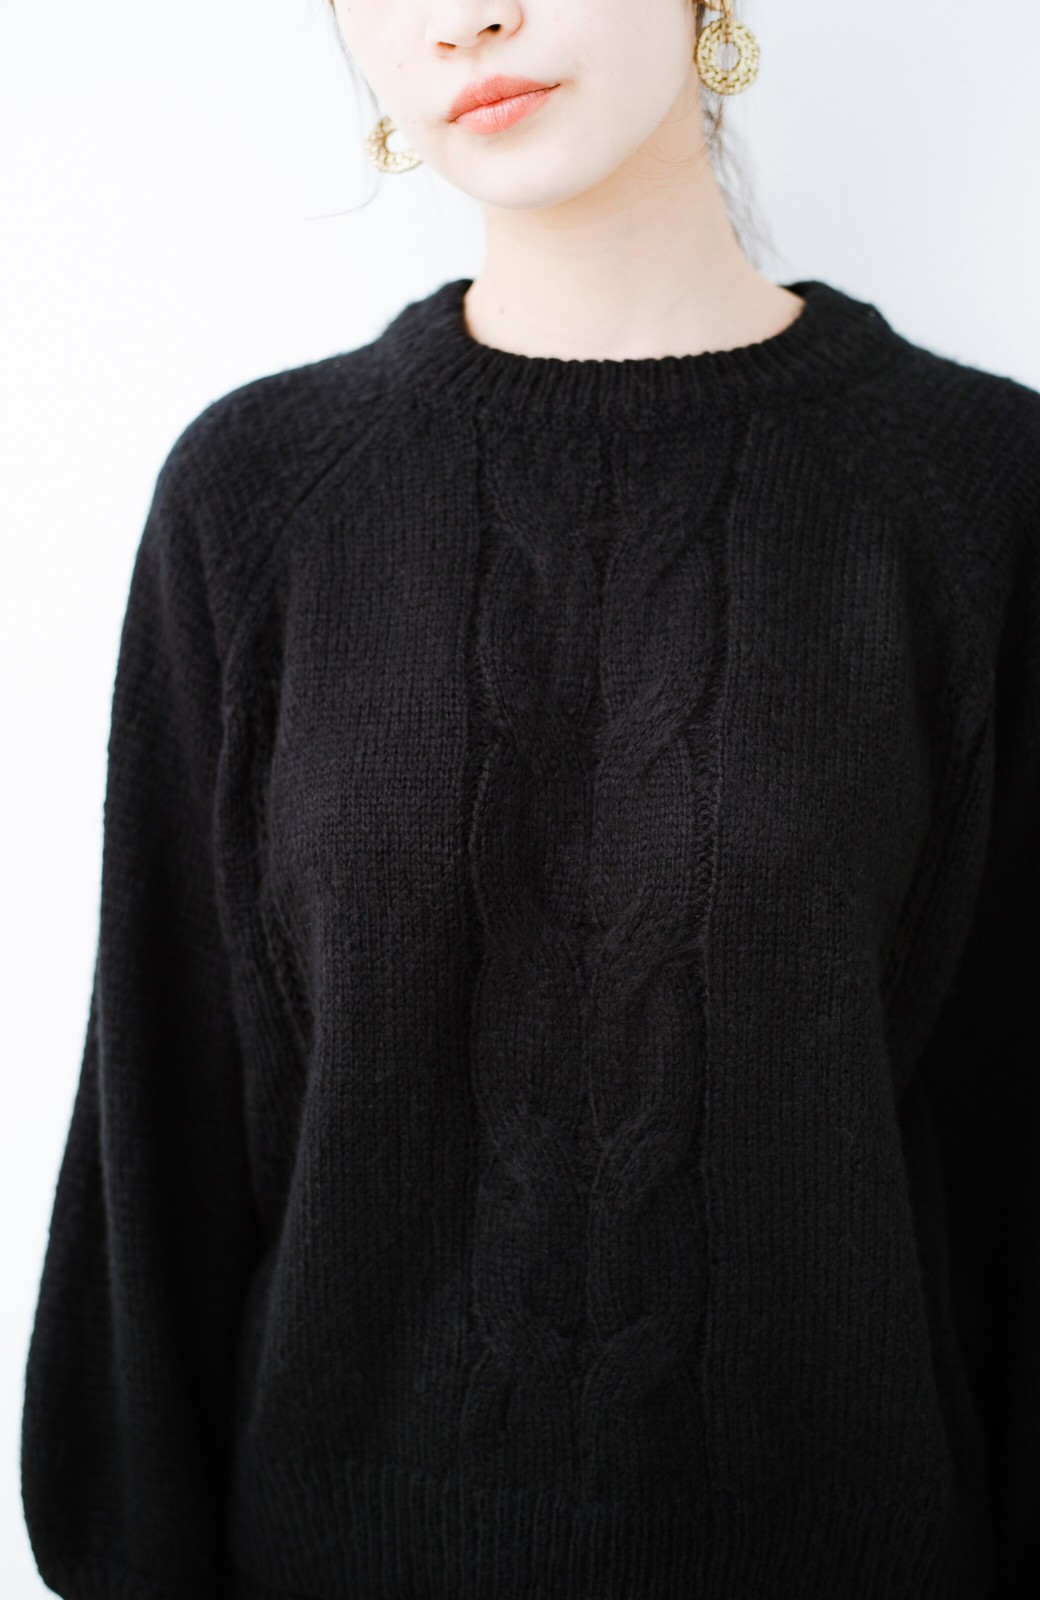 haco! しまった!寝坊した!ってときにも安心なケーブル編みがかわいいニットアップ <ブラック>の商品写真21